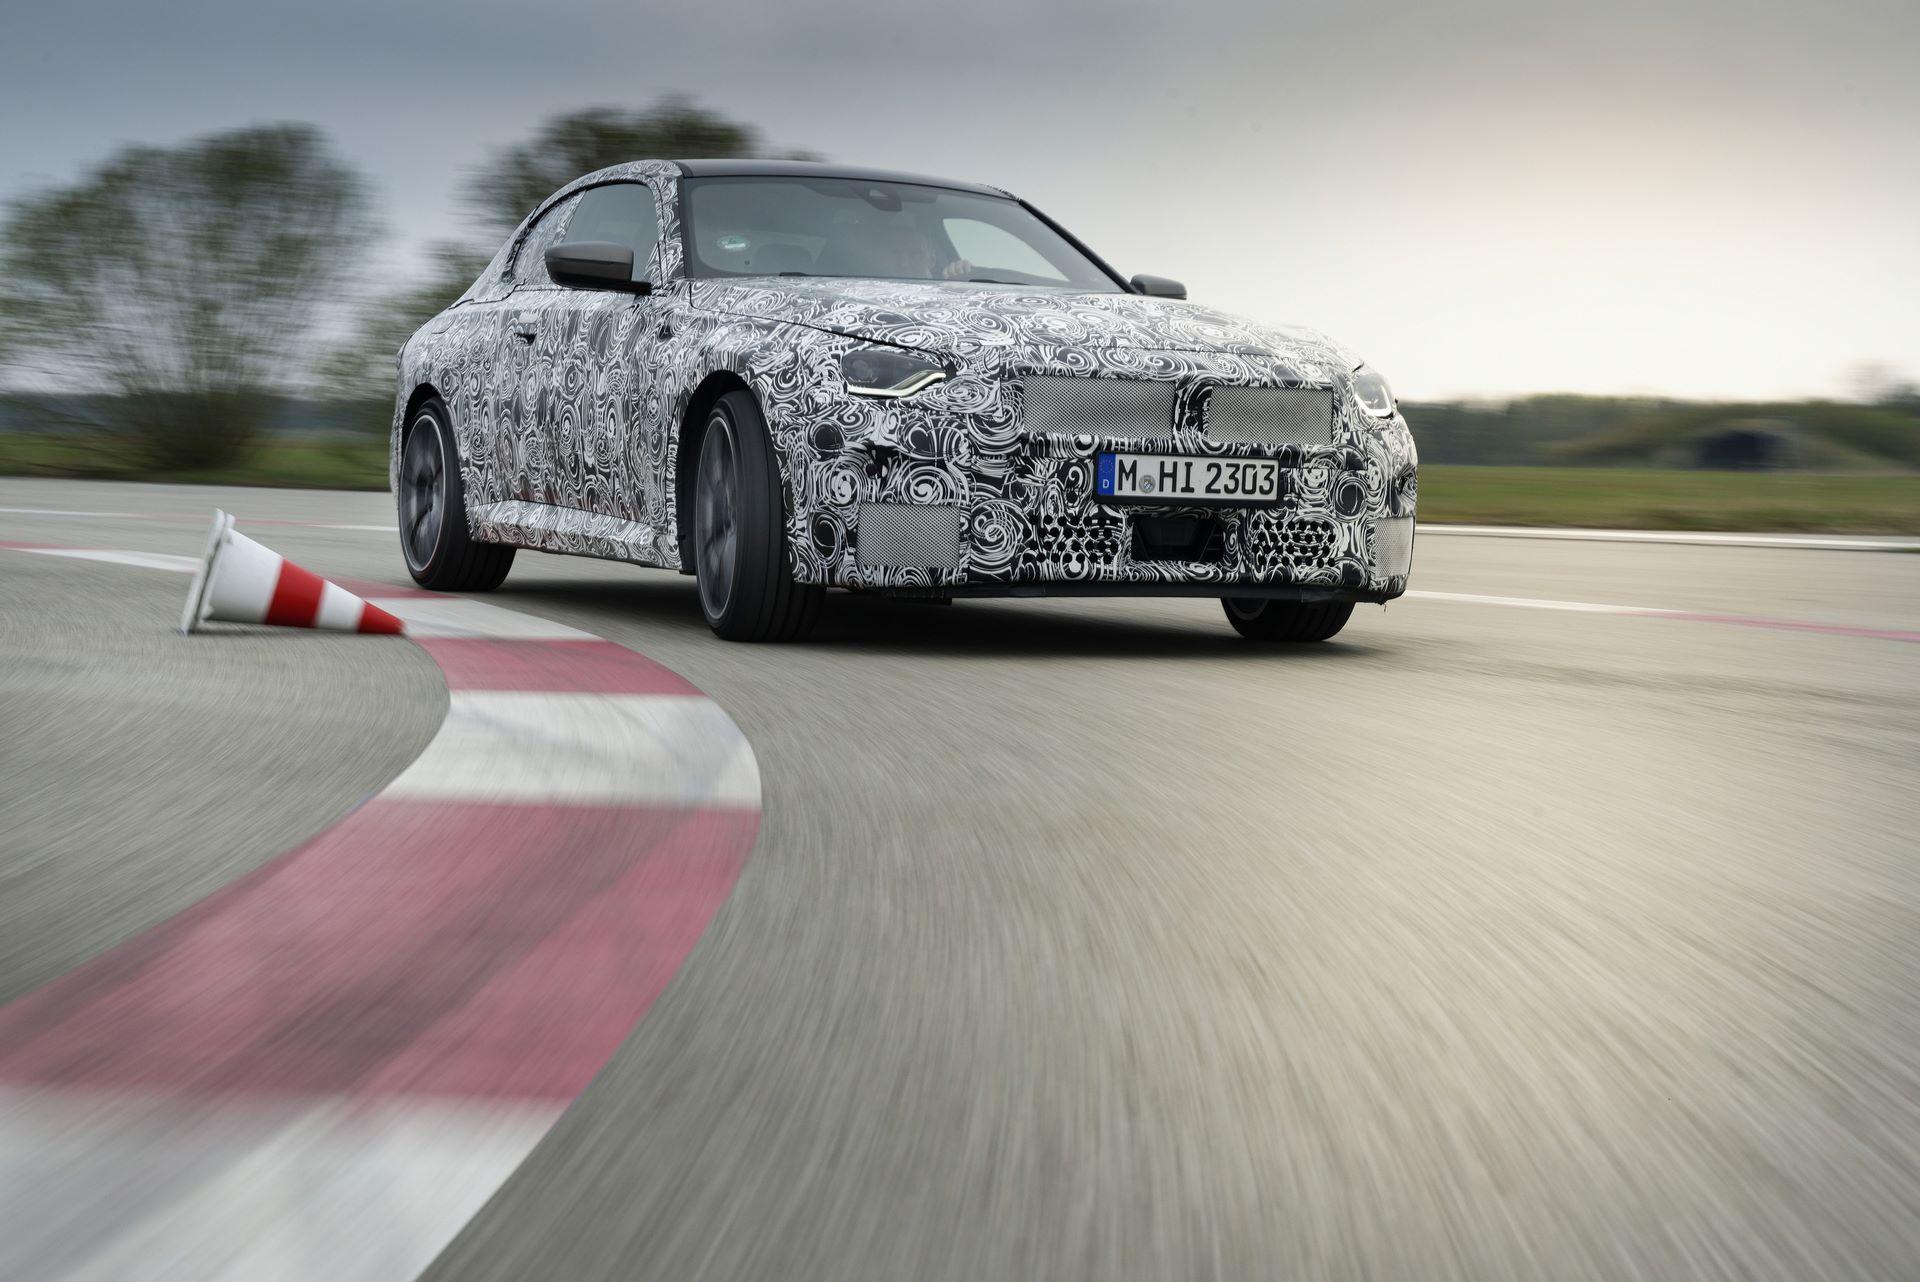 BMW-2-Series-M240i-spy-photos-76